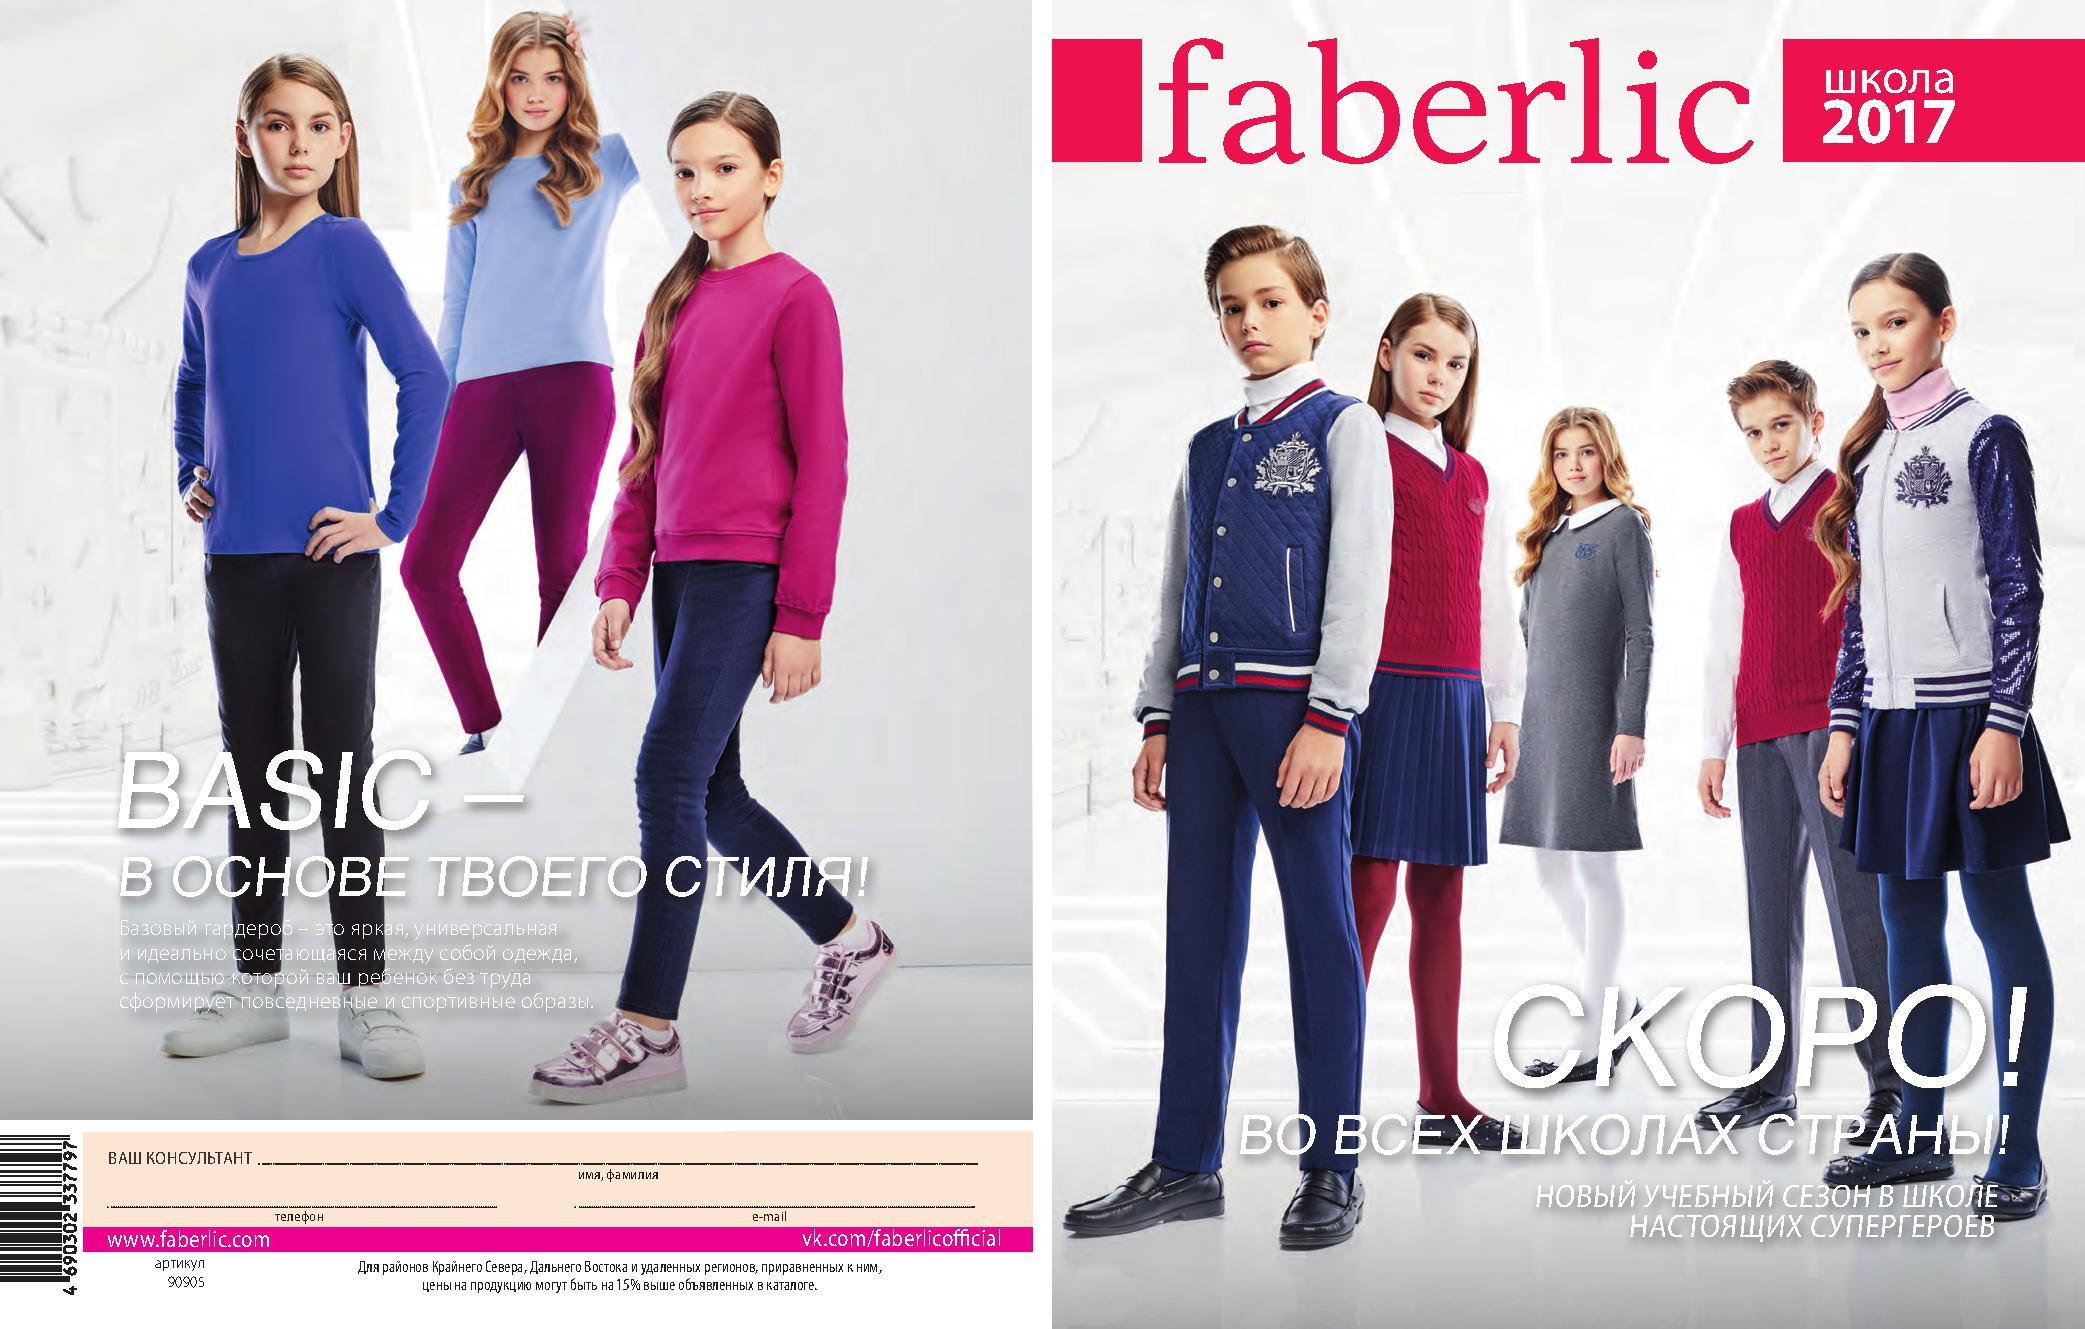 fcad187aa27b фаберлик школьная, школьный каталог фаберлик, фаберлик школьная форма 2017